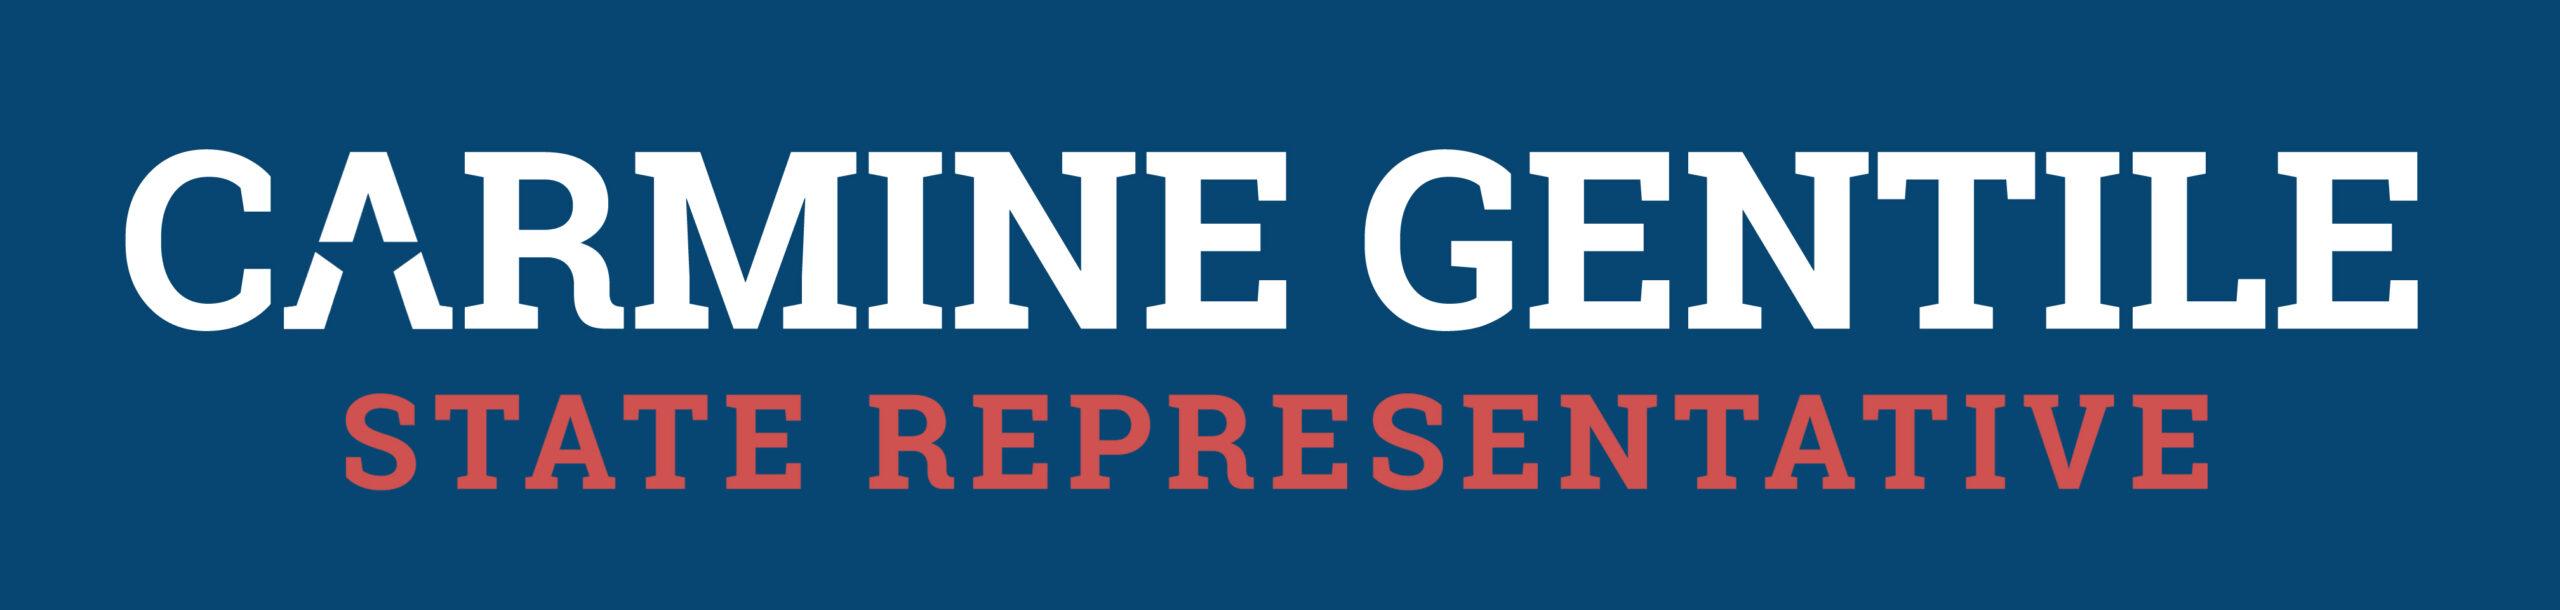 Carmine Gentile for State Representative